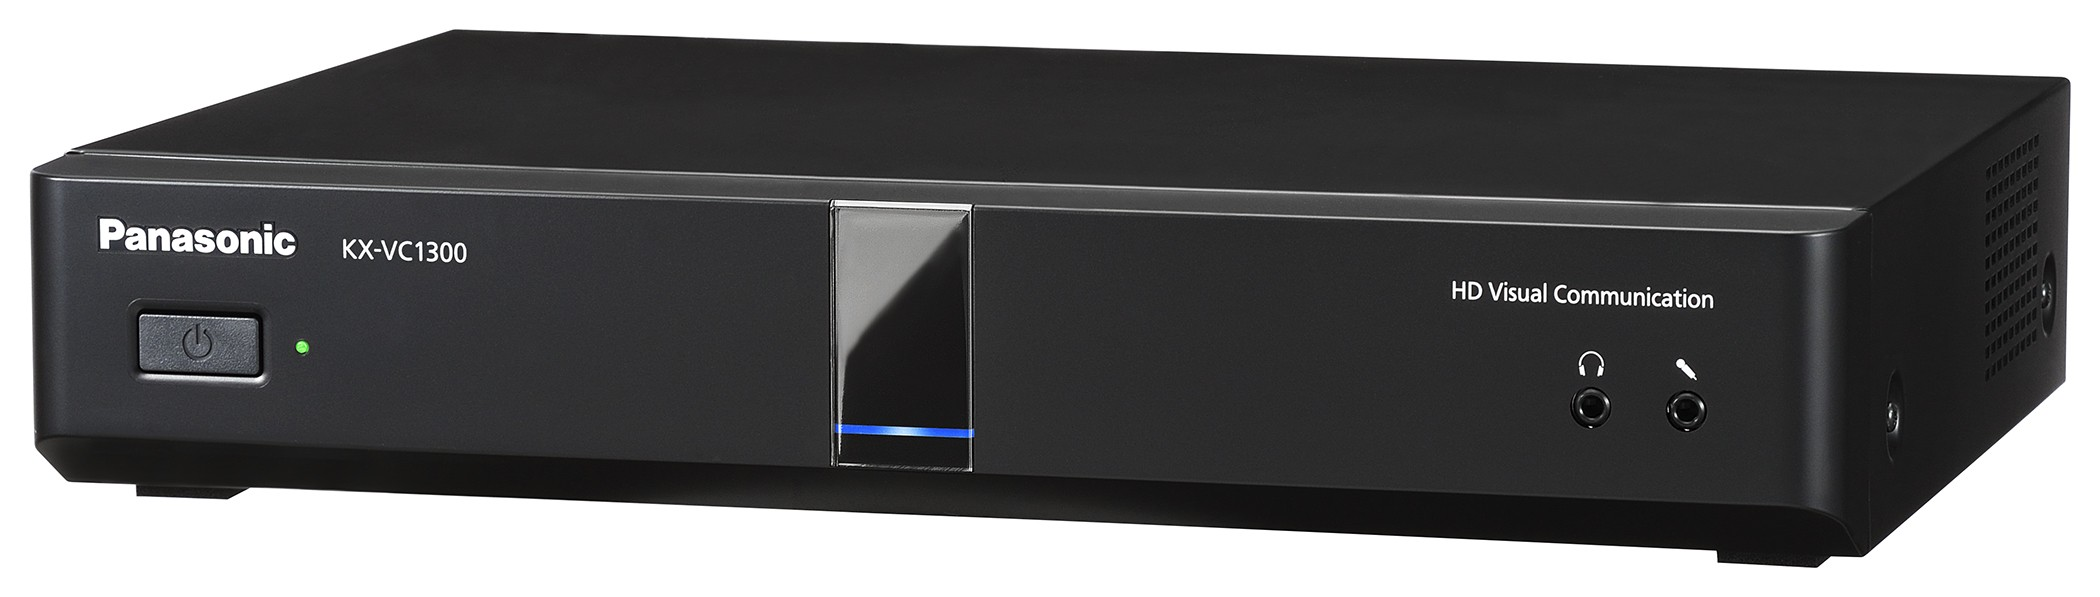 KX VC1300 02 - Panasonic ra phiên bản mới nhất của Thiết bị hội nghị truyền hình HD